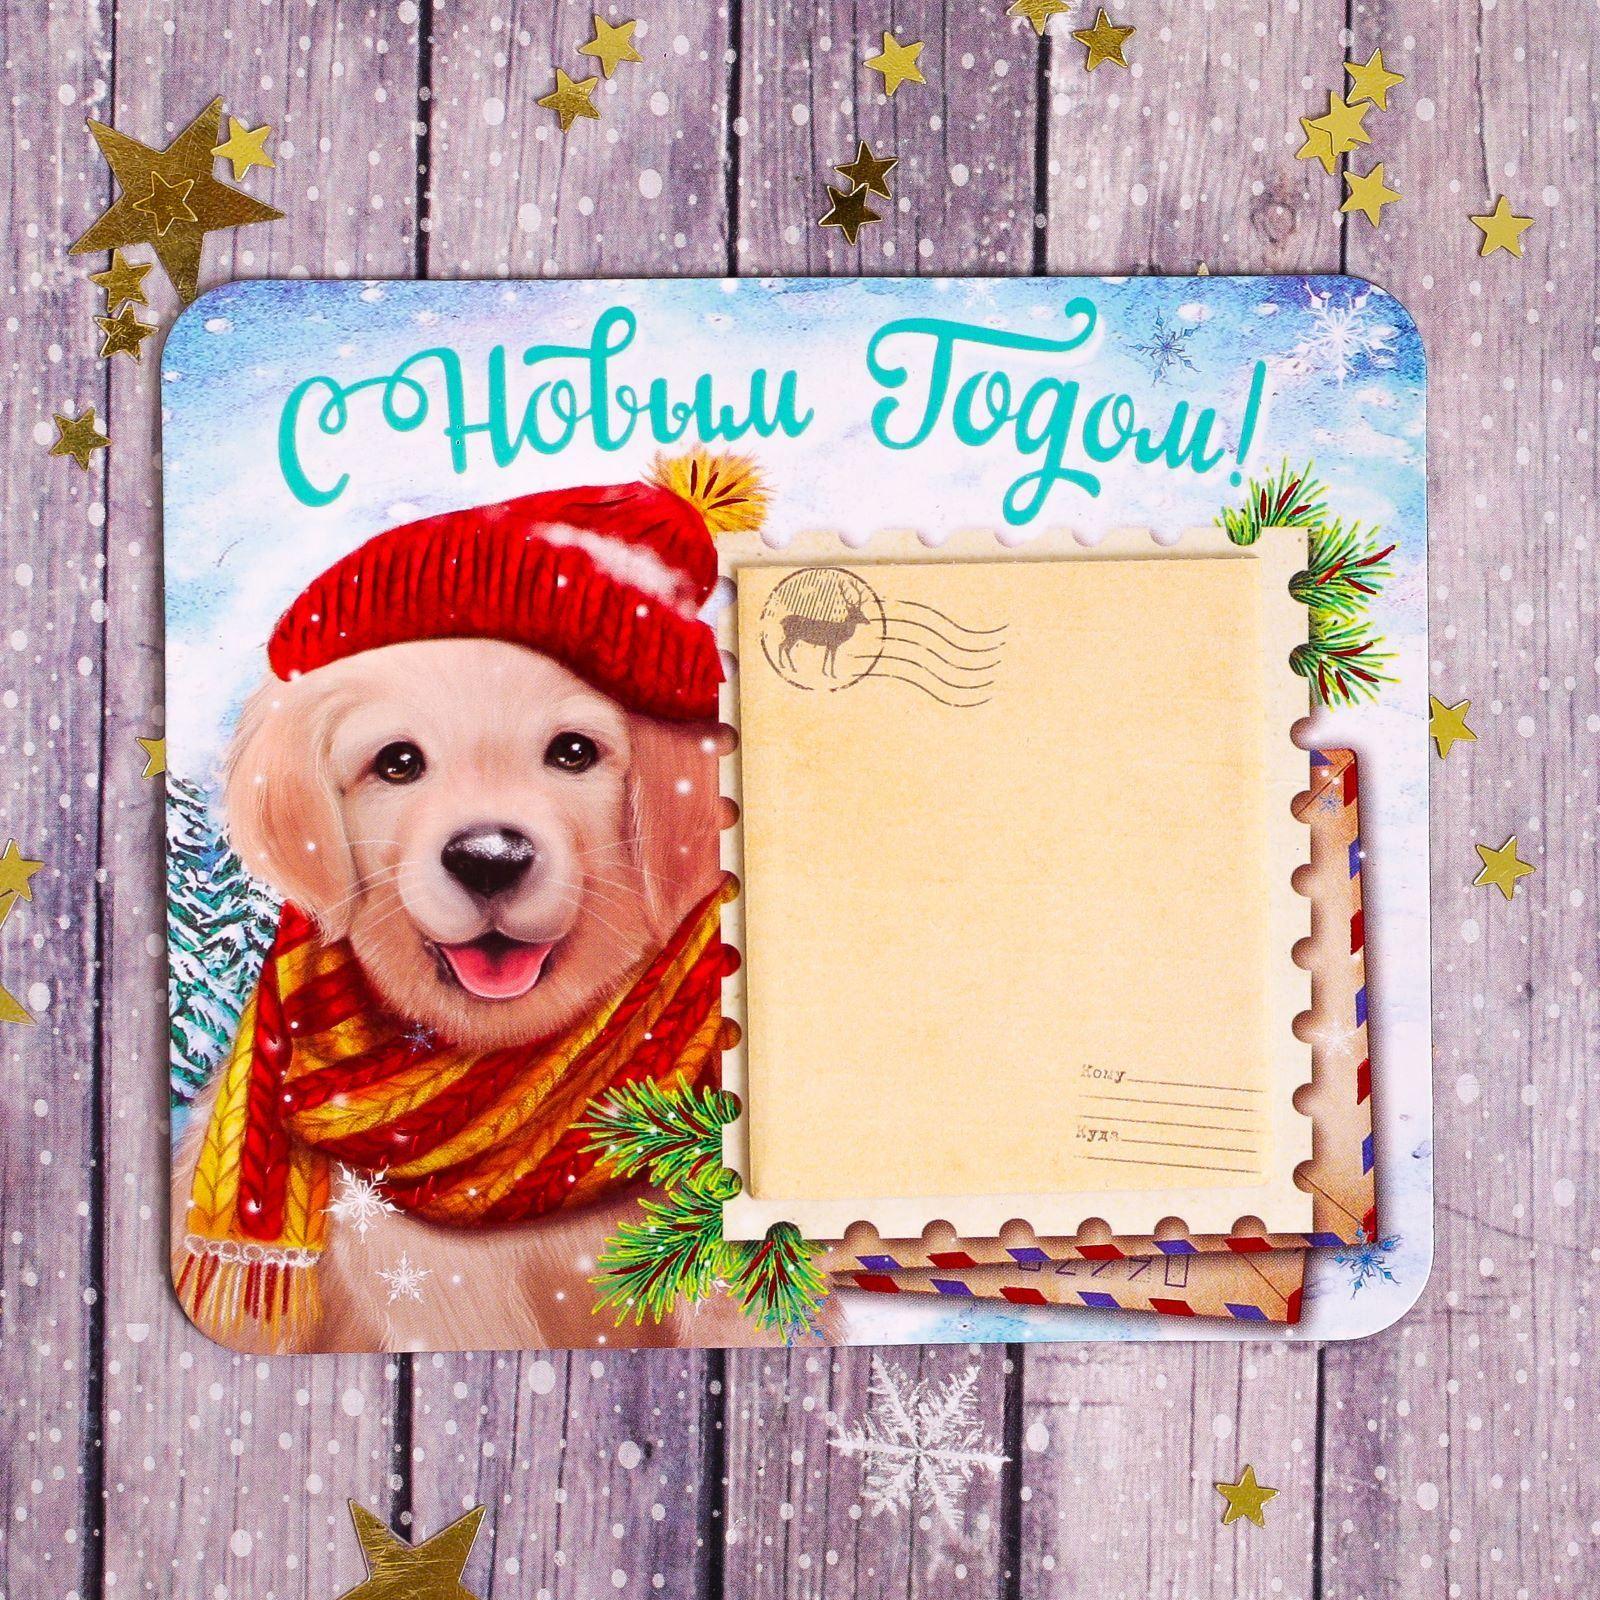 Магнит Sima-land С Новым годом, с блоком для записей, 11 х 9,3 см2252413Порадуйте родных и близких оригинальным сувениром: преподнесите в подарок магнит. С ним даже самый серьёзный человек почувствует себя ребёнком, ожидающим чудо! Создайте праздничное настроение, и оно останется с вами на весь год.